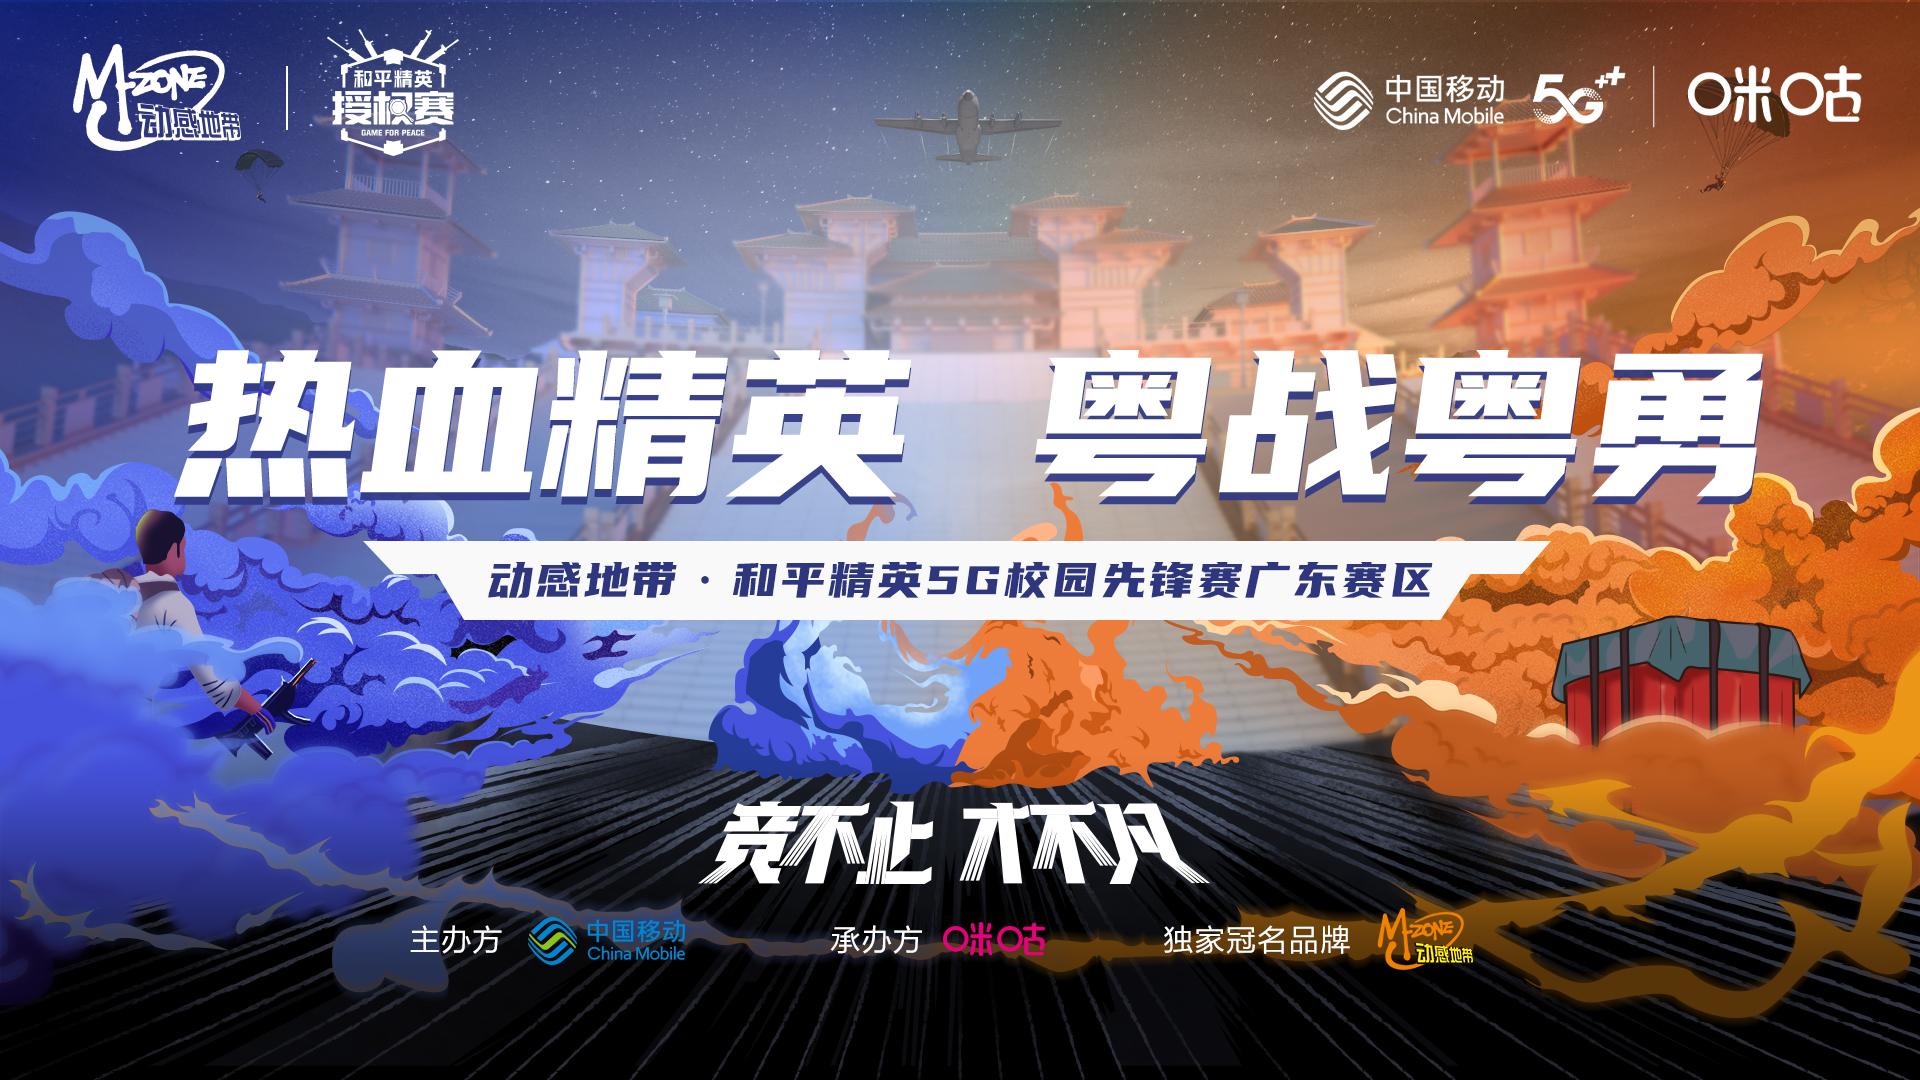 粵戰青春,動感地帶·和平精英5G校園先鋒賽廣東賽區激情開鑼